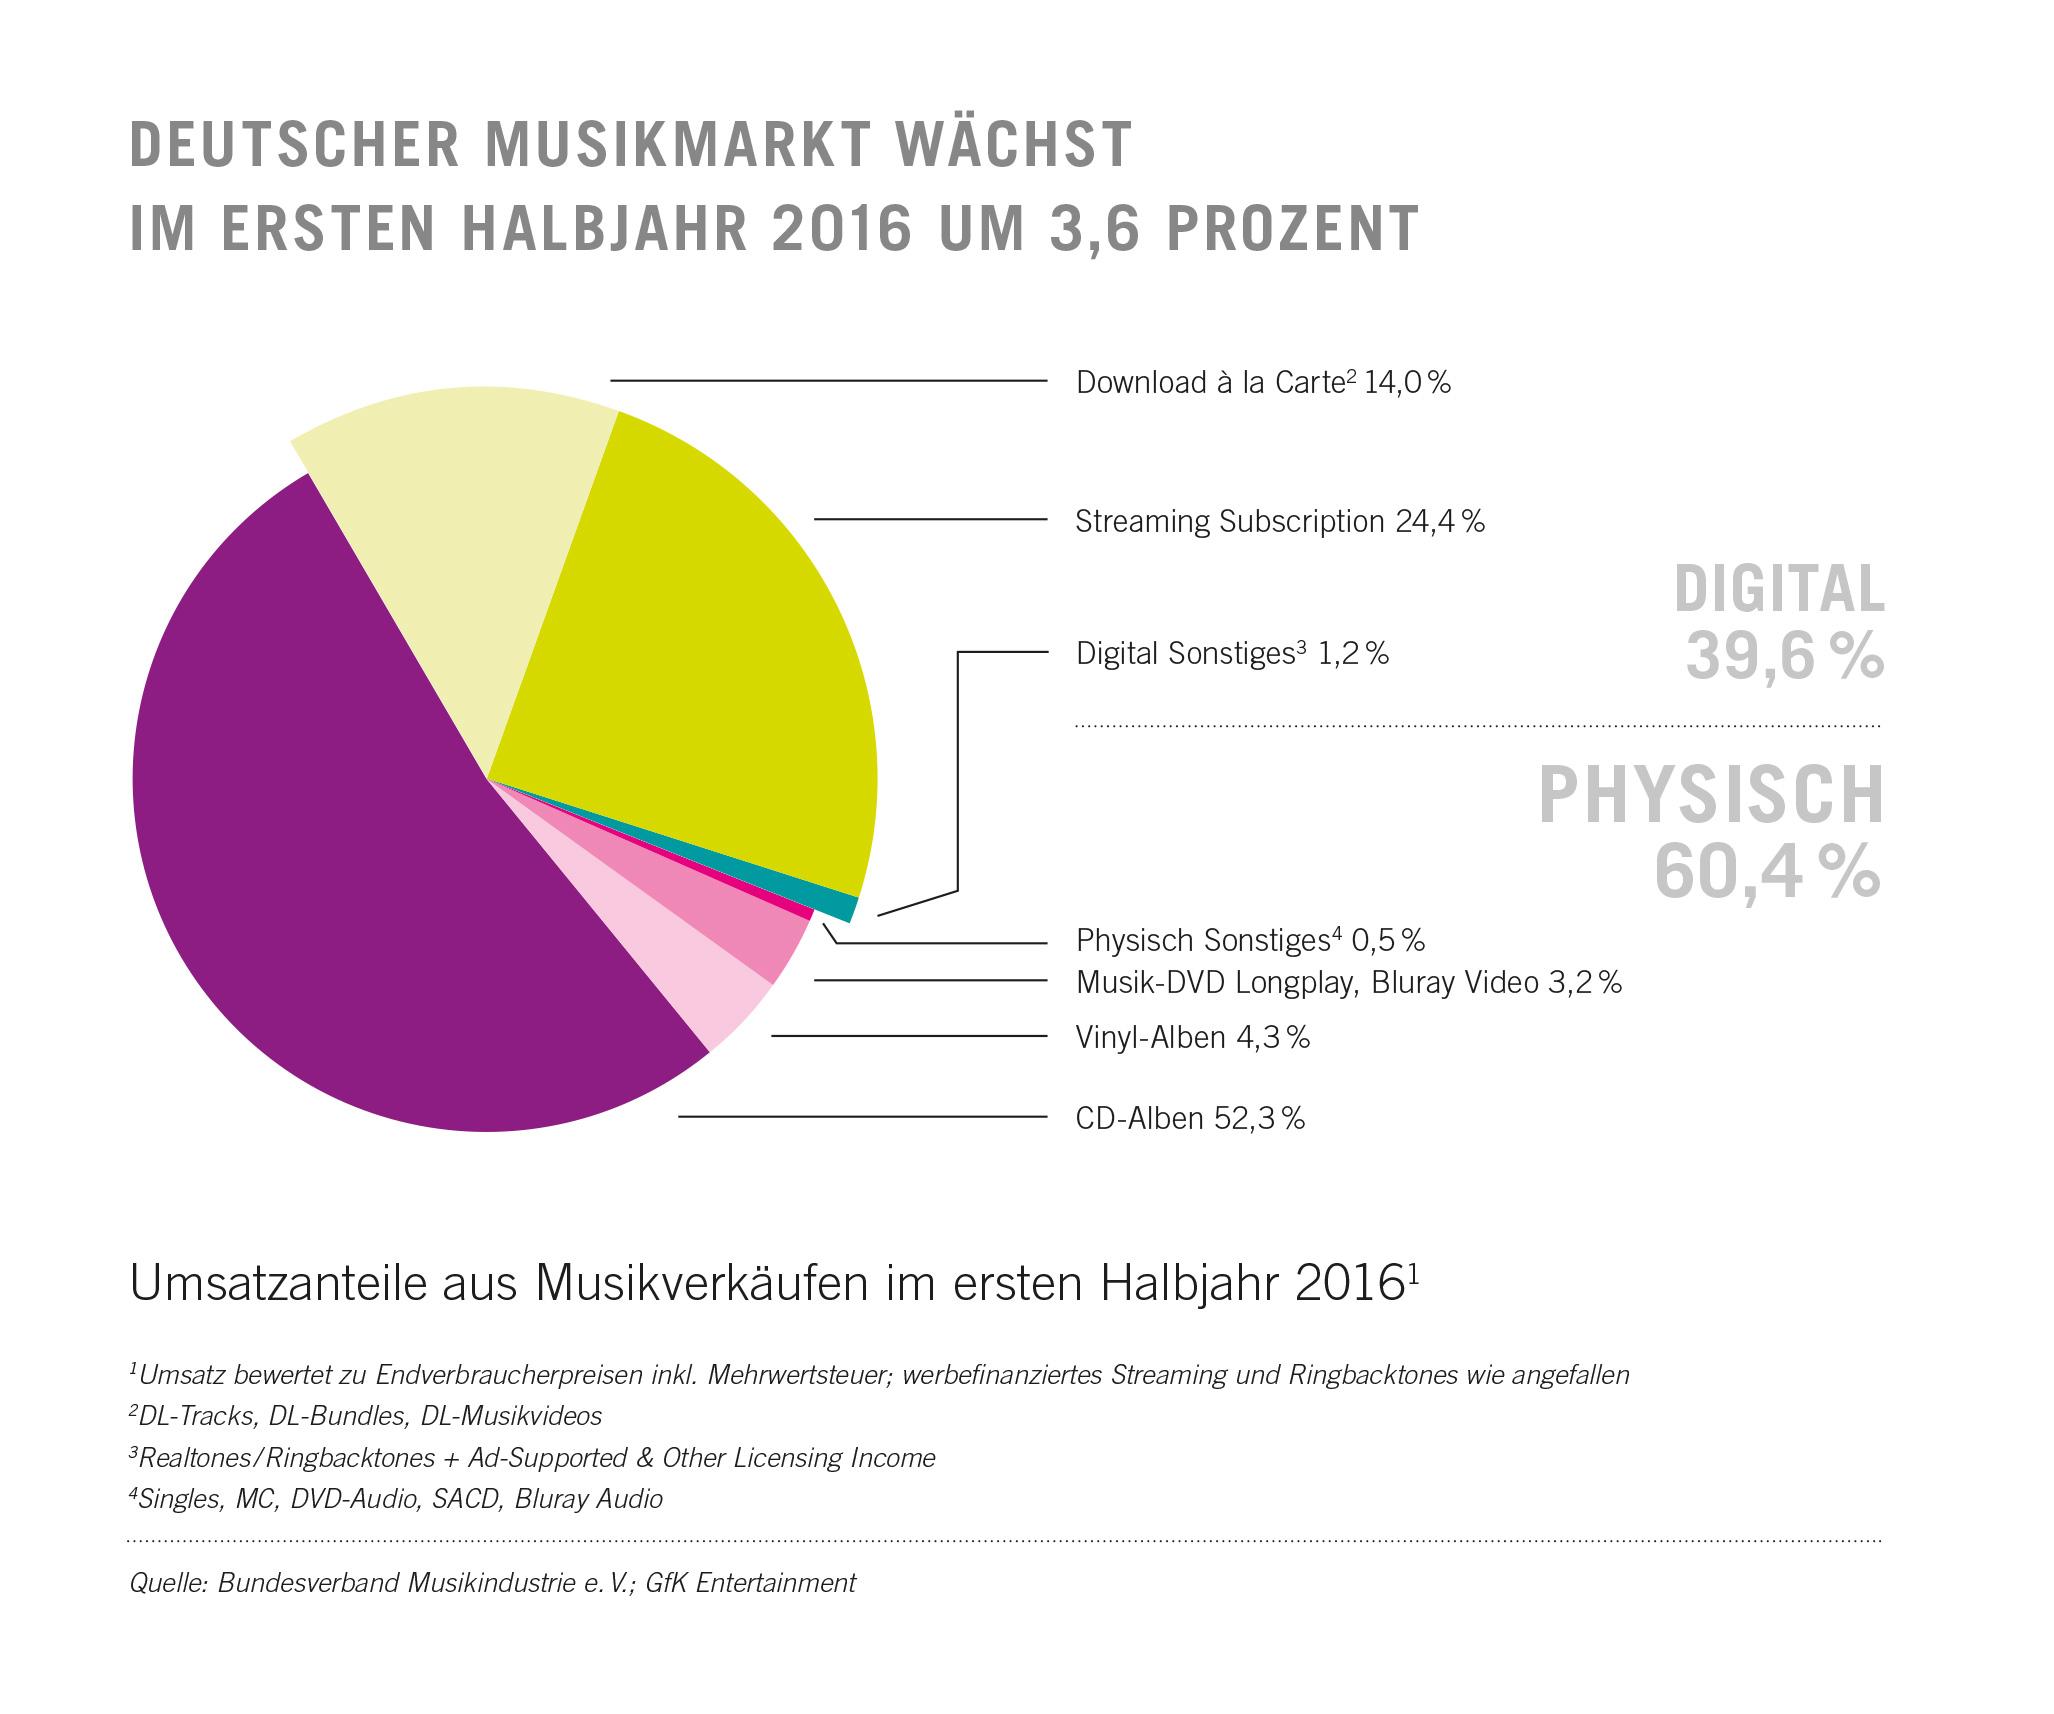 Umsatzanteile im Musikmarkt 2016 1. HalbJahr